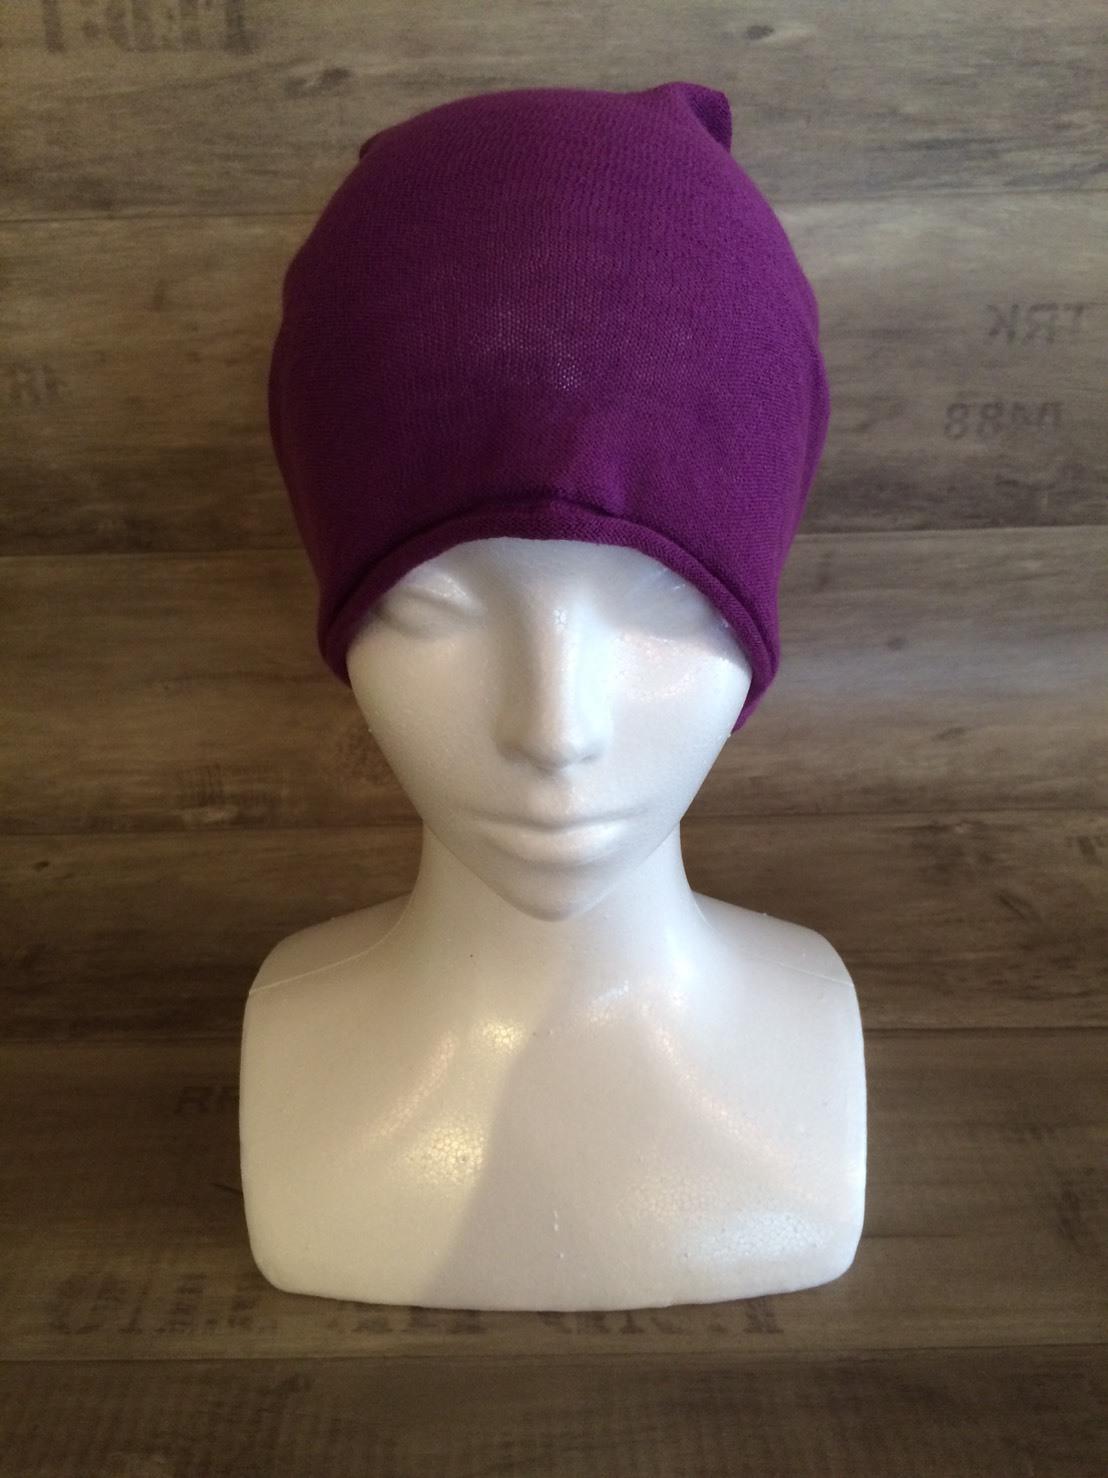 【送料無料】こころが軽くなるニット帽子amuamu 新潟の老舗ニットメーカーが考案した抗がん治療中の脱毛ストレスを軽減する機能性と豊富なデザイン NB-6060 京紫(きょうむらさき) - 画像4